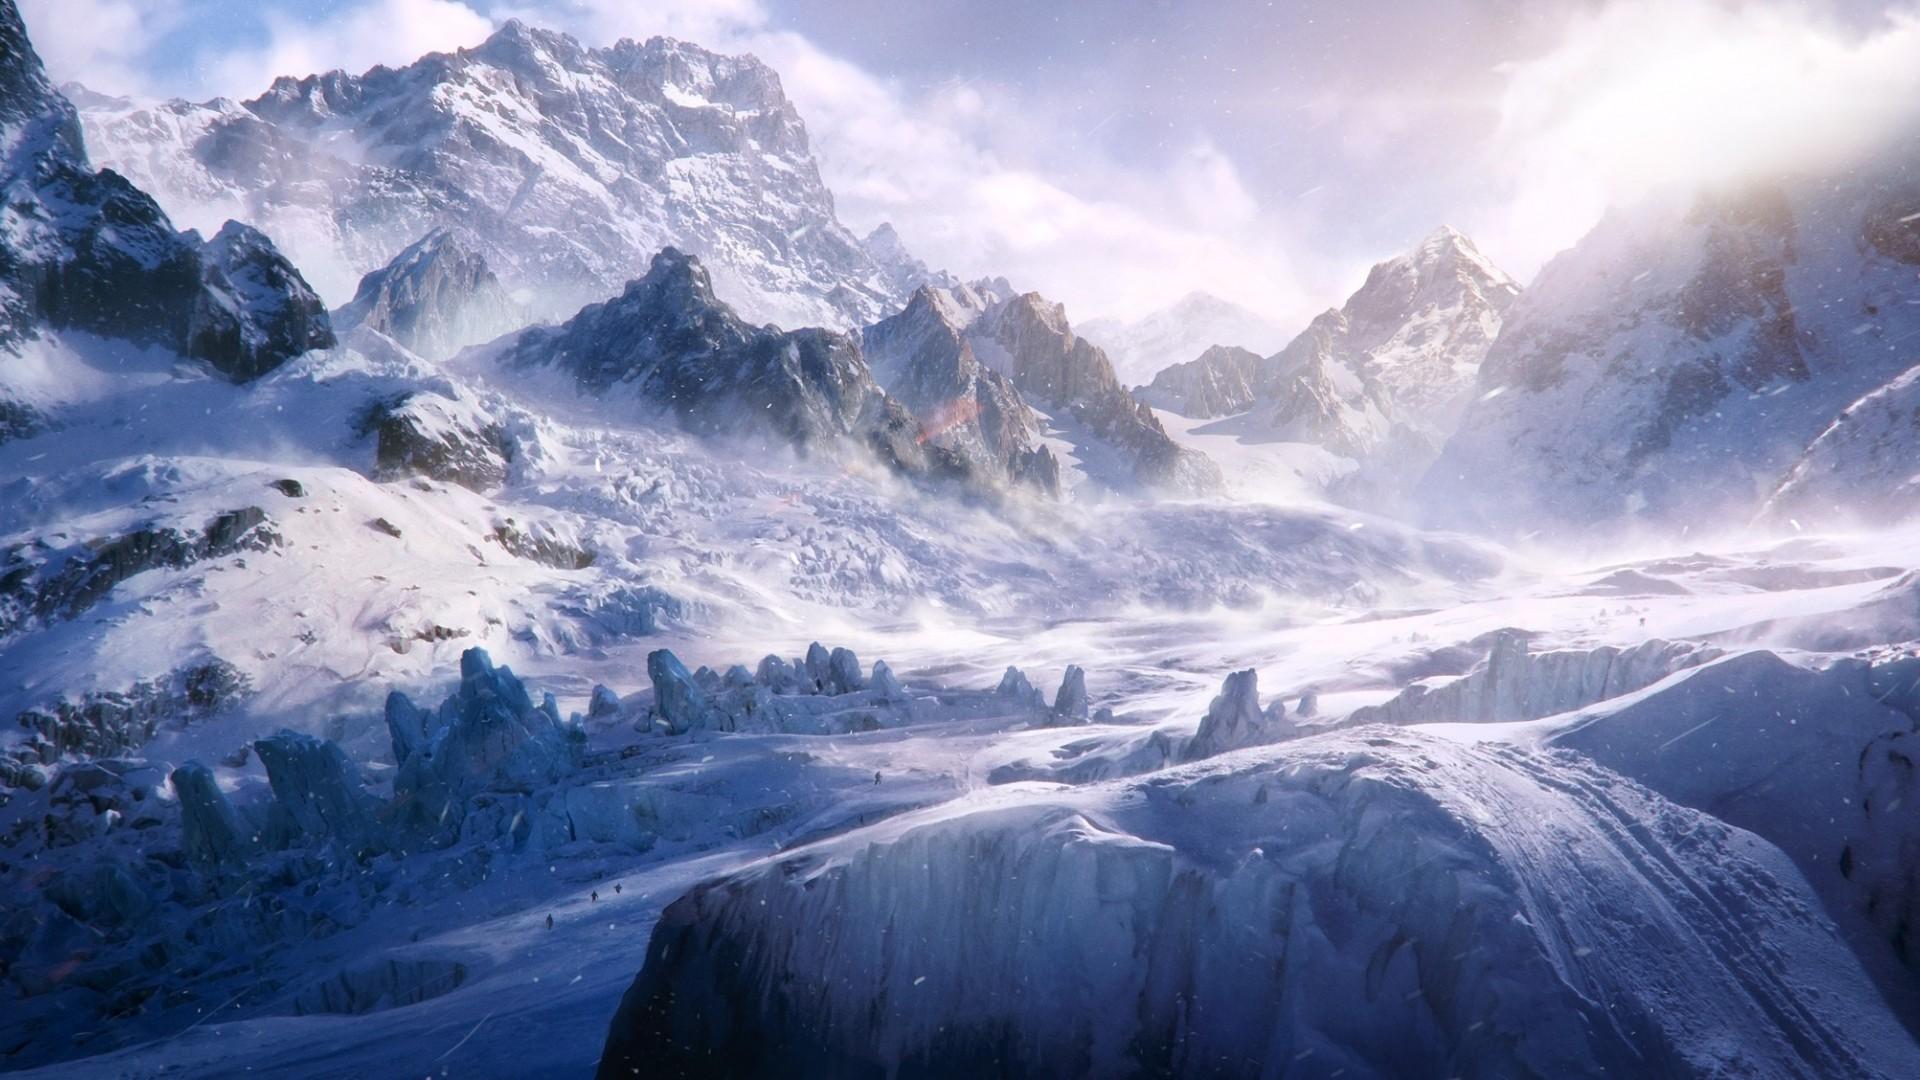 Snow Trekking HD Landscape Desktop Wallpaper WallpaperCowcom 1920x1080